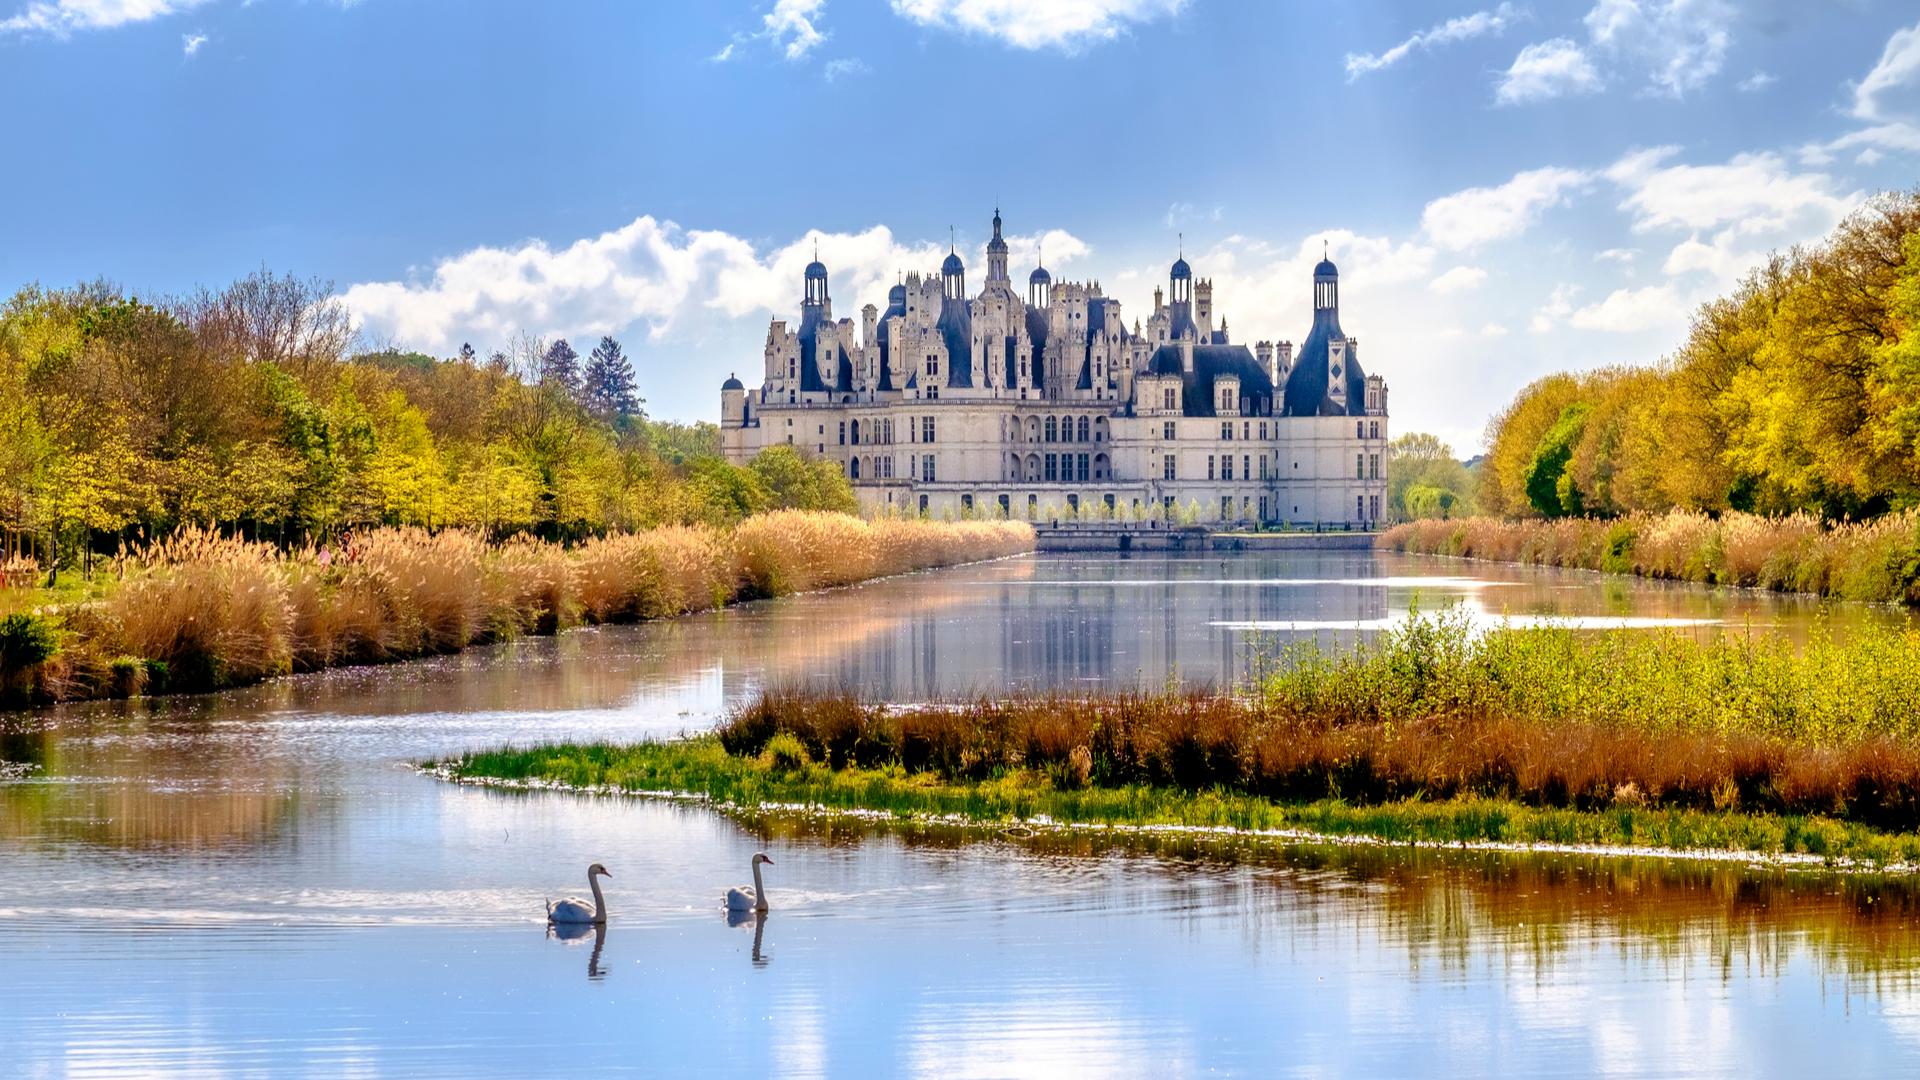 Château de Chambord dans le Loir-et-Cher